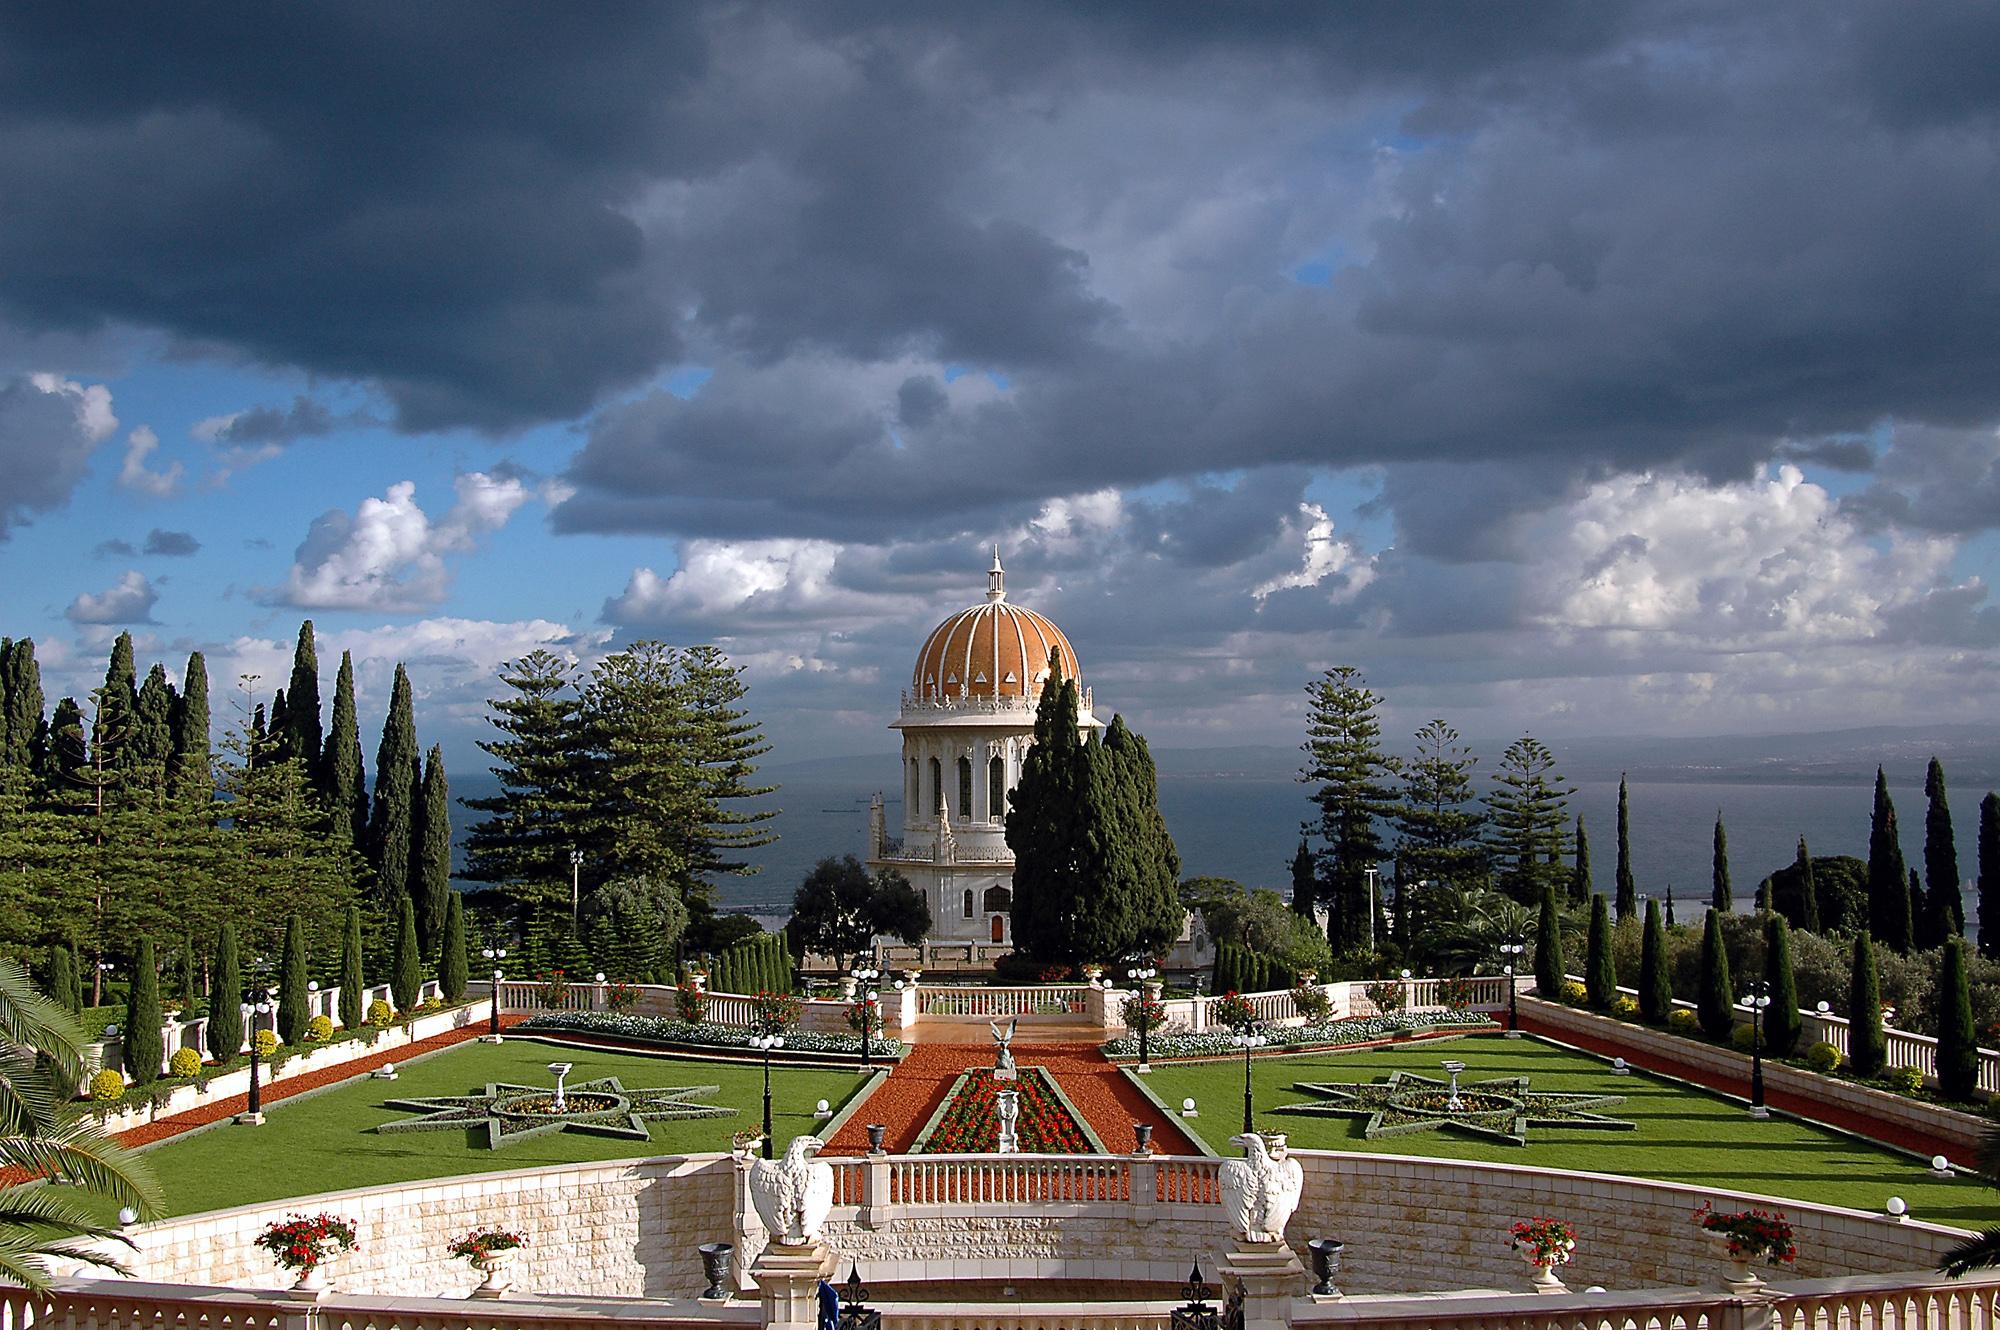 A szép kert hátterében a Haifai-öböl (c) Bahá'í Nemzetközi Közösség media.bahai.org